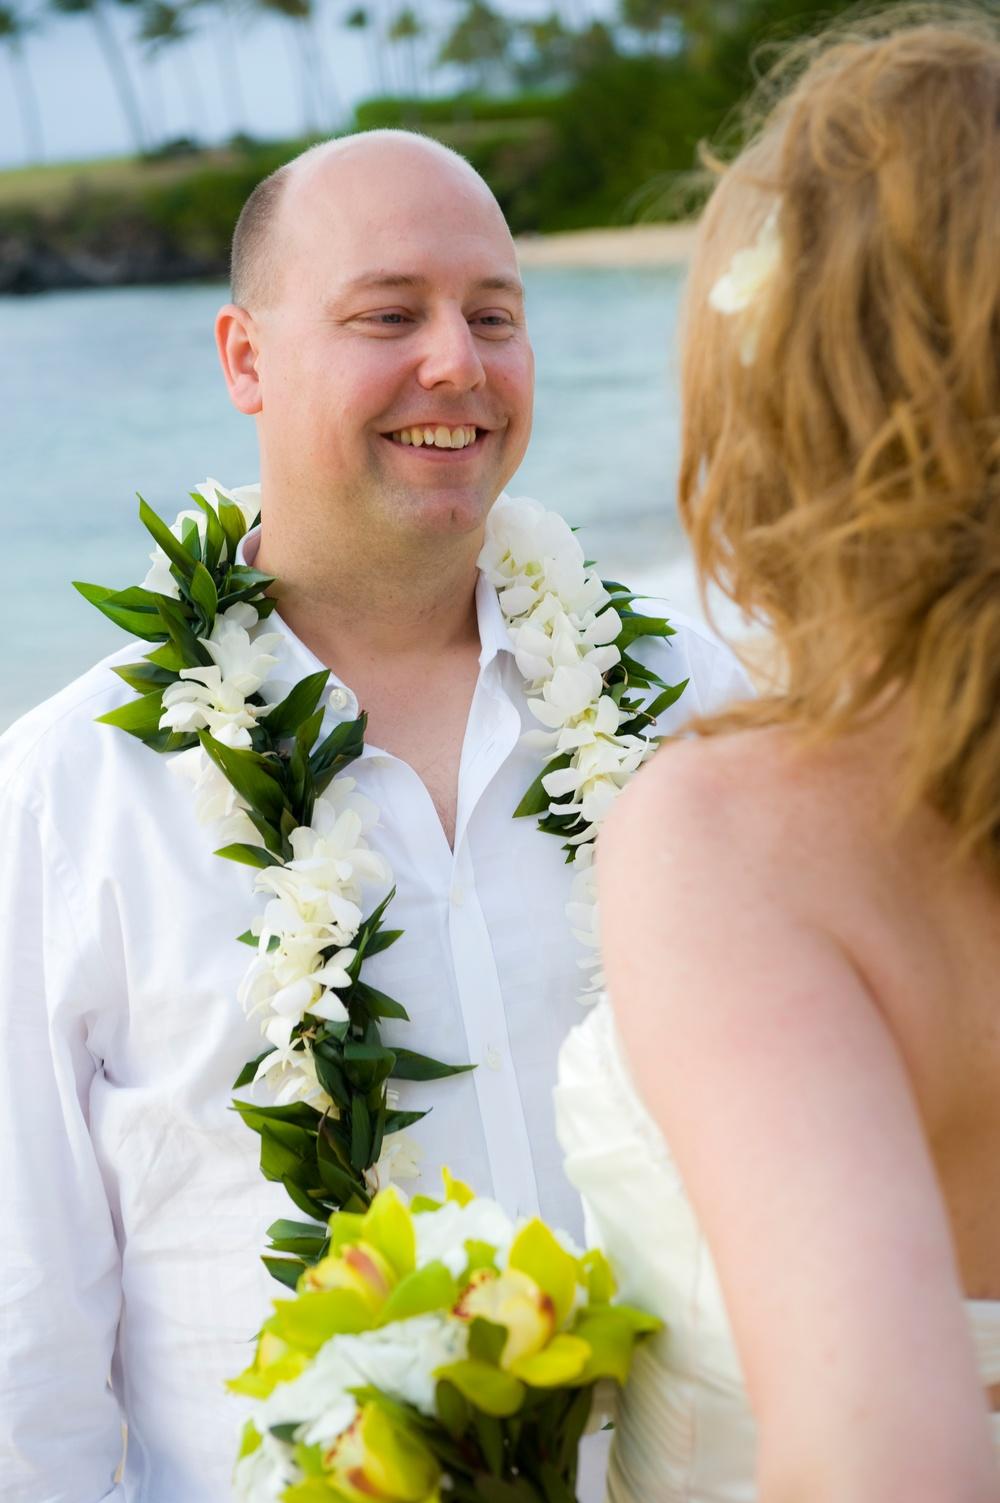 Wedding++31716-1852470056-O.jpg